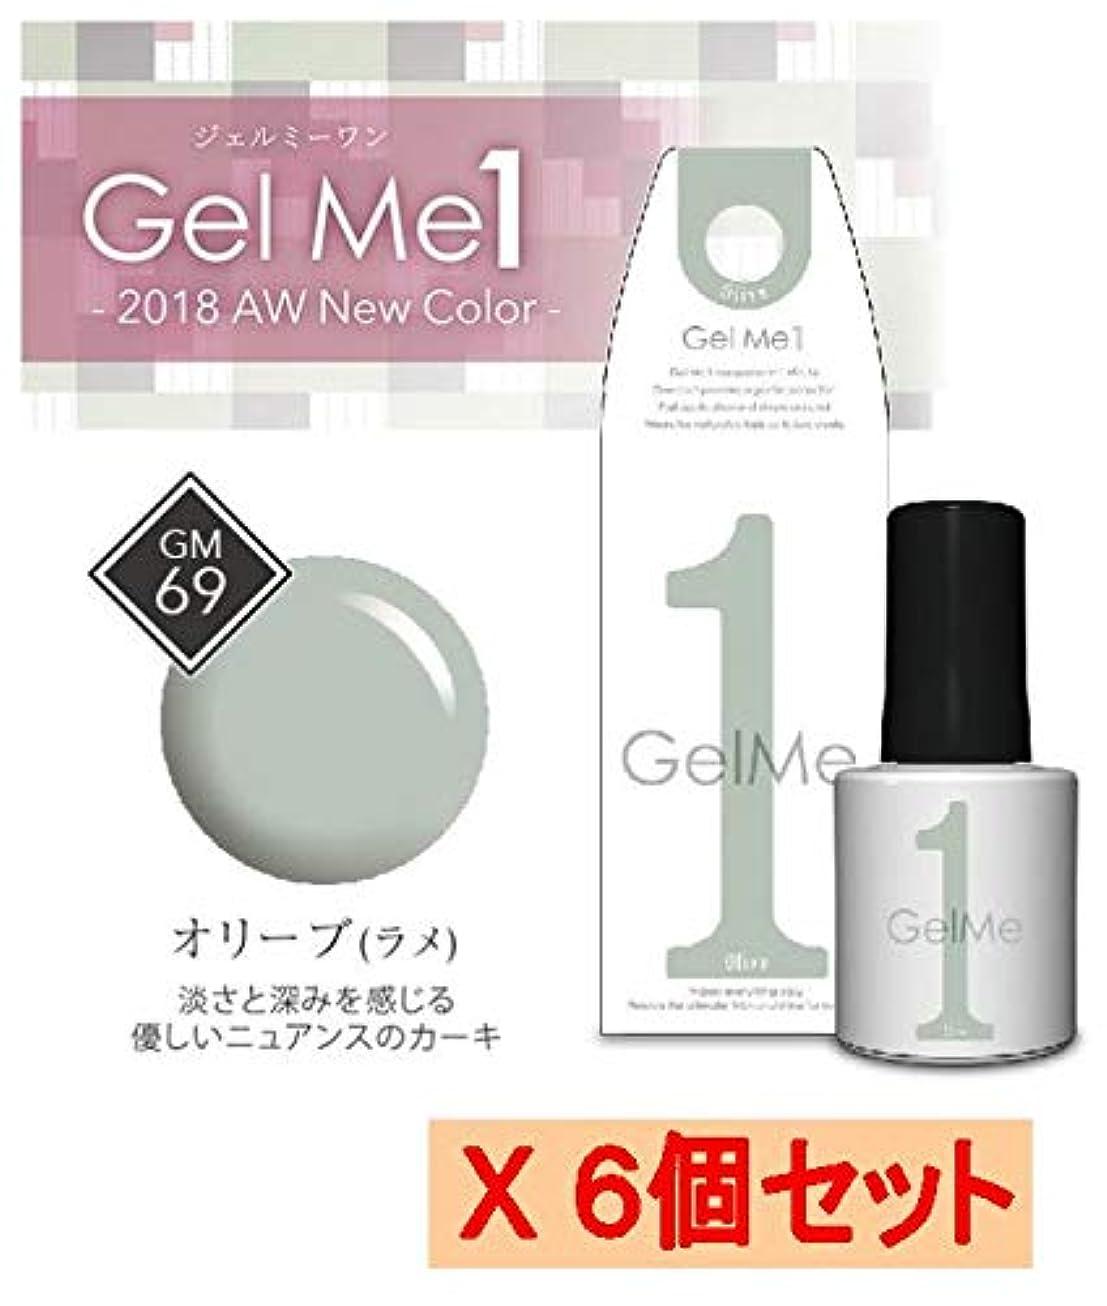 弱いより良いブランクジェルミーワン[GelMe1] GM-69 オリーブ(ラメ) 【セルフ ジェルネイル ジェル】 X6個セット